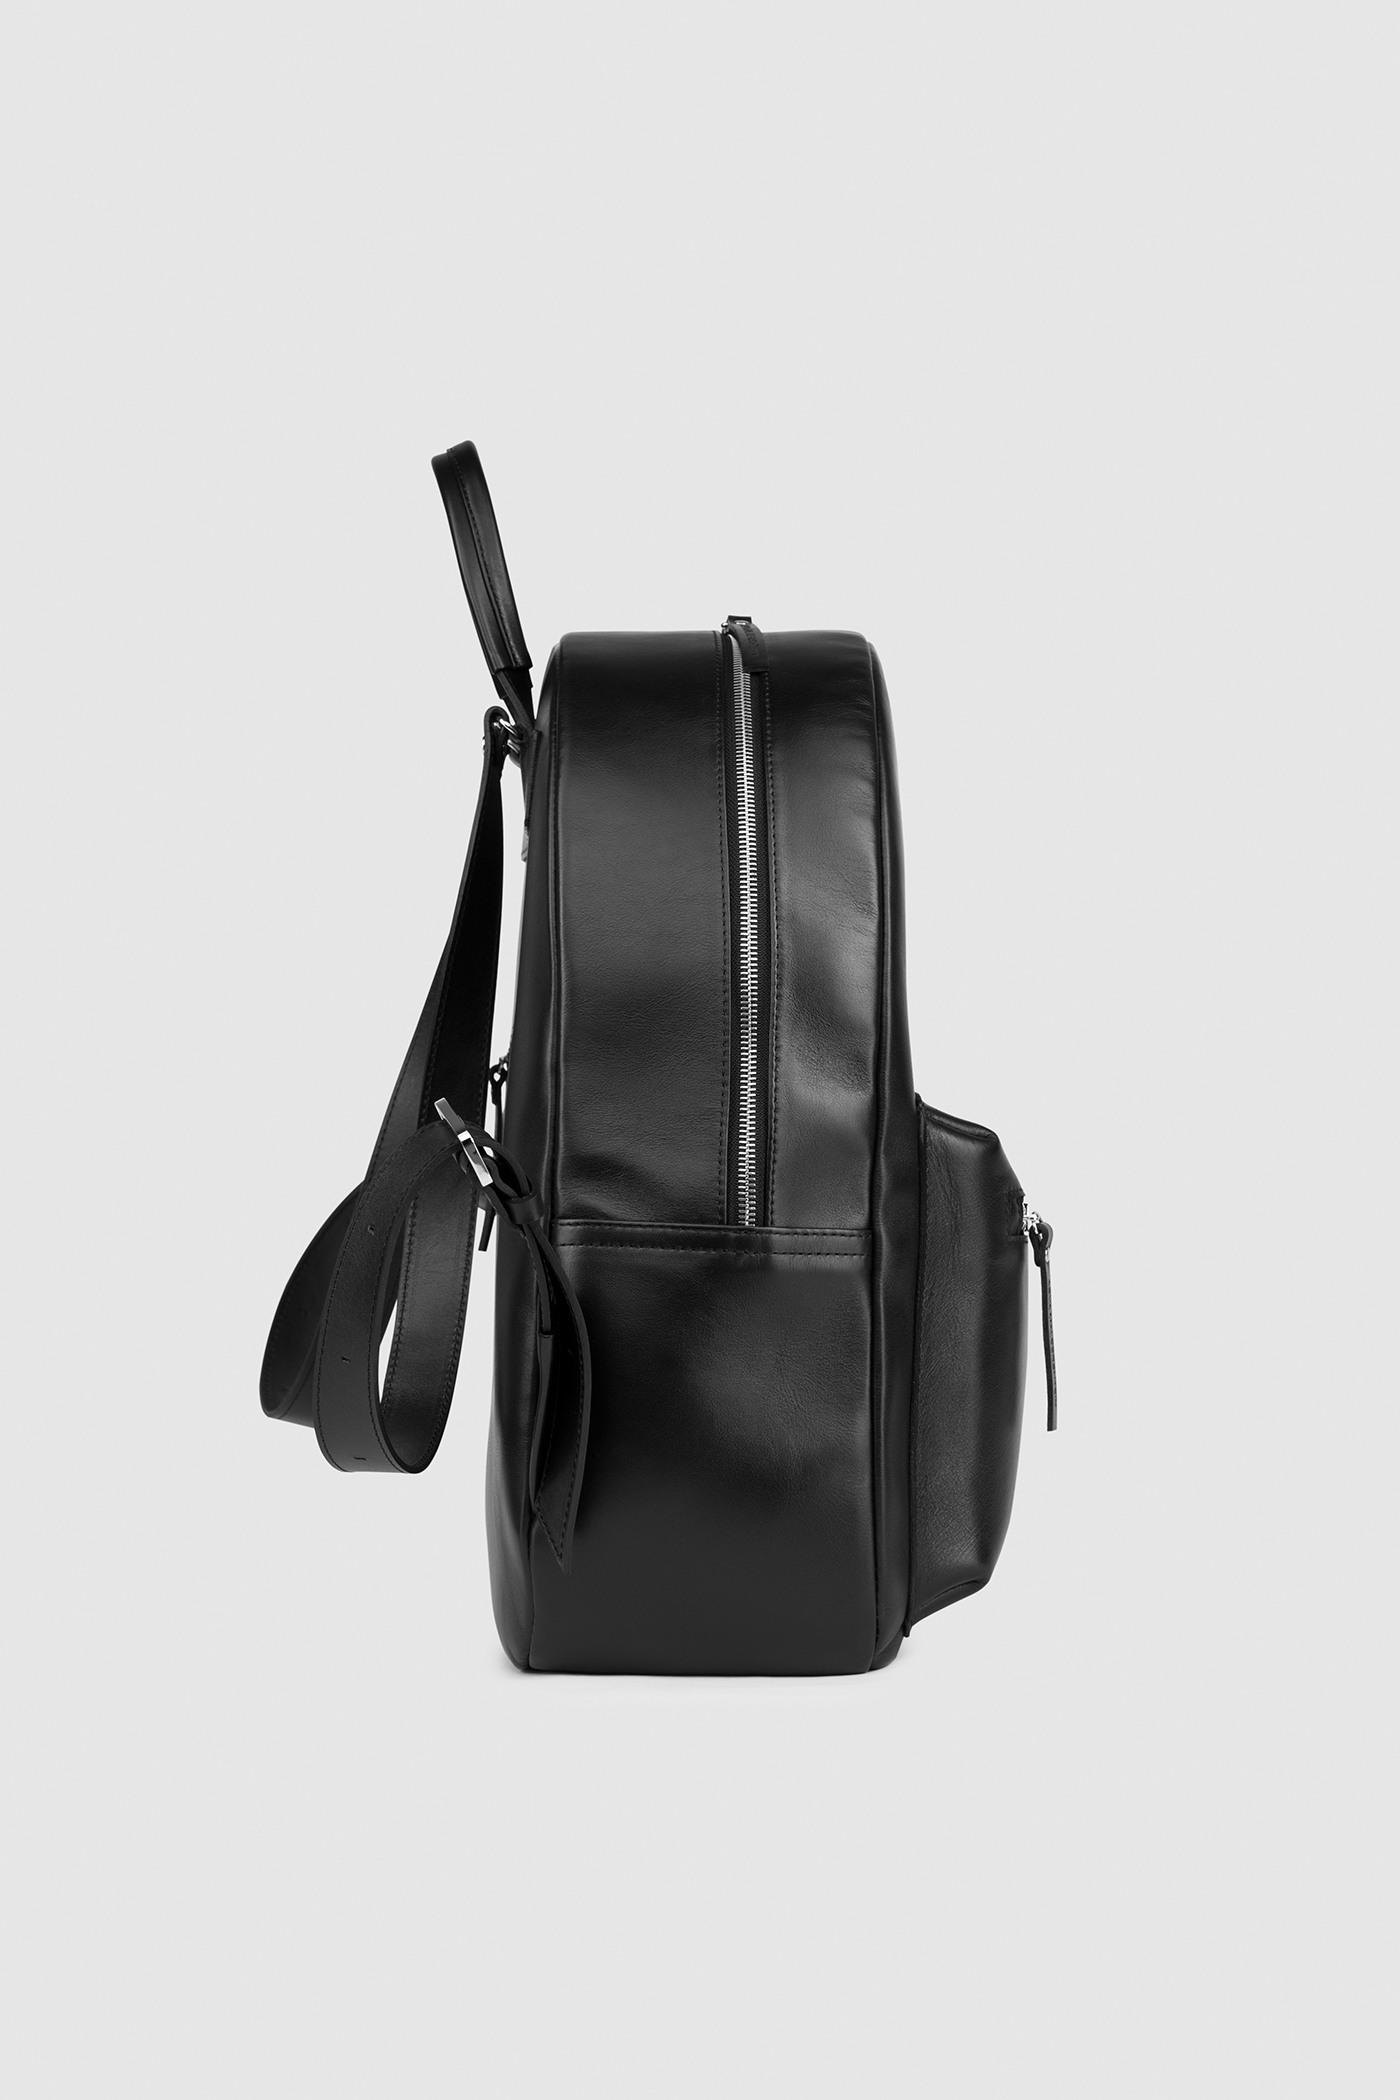 Большой рюкзакГородской классический рюкзак &#13;<br>&#13;<br>&#13;<br>унисекс&#13;<br>&#13;<br>внутри отделение для ноутбука&#13;<br>&#13;<br>передний объемный карман на молнии&#13;<br>&#13;<br>карман на молнии на задней стенке&#13;<br>&#13;<br>тканевая подкладка&#13;<br>&#13;<br>лямки на регуляторах&#13;<br>&#13;<br>размеры: S 33x26x9.5 см, М 43х12х33 см<br><br>Цвет: Черный<br>Размер: S, M